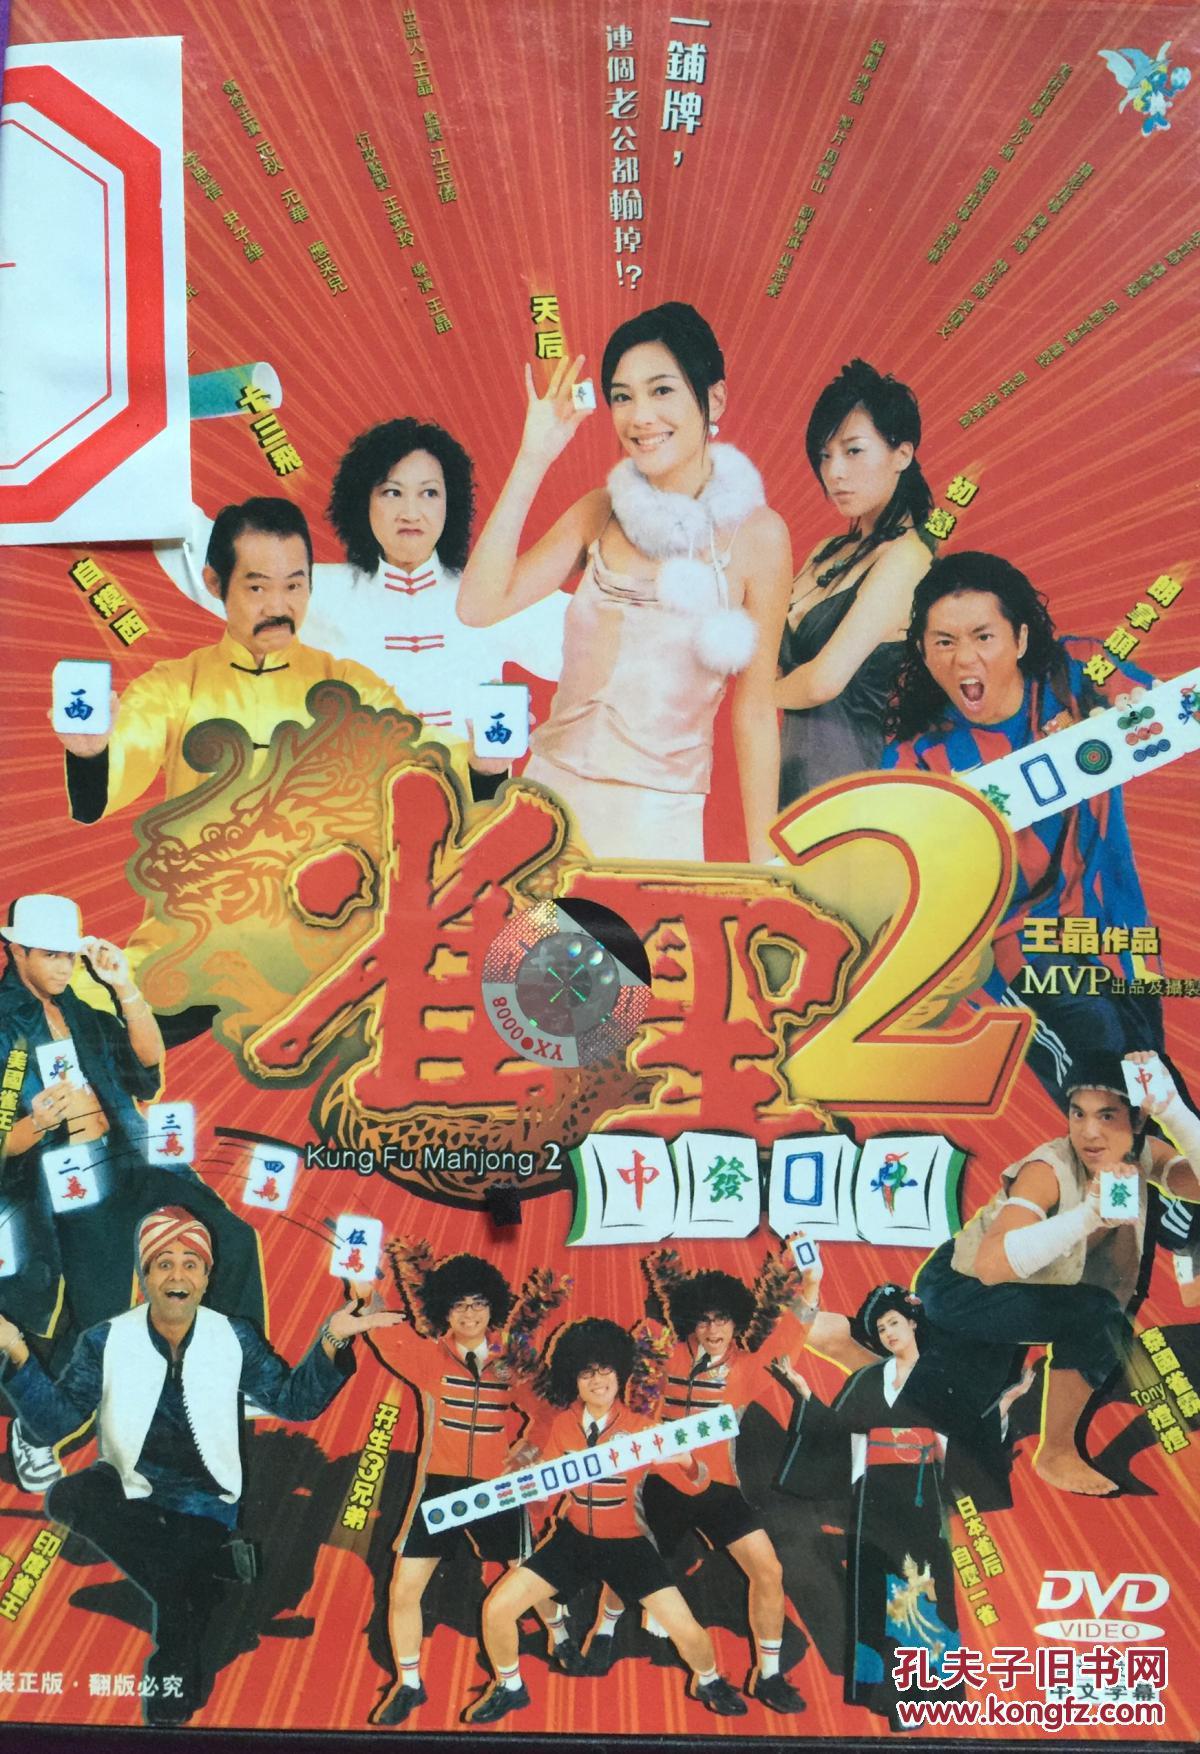 记忆 又名雀圣 雀圣2 2dvd合售 元华 王晶